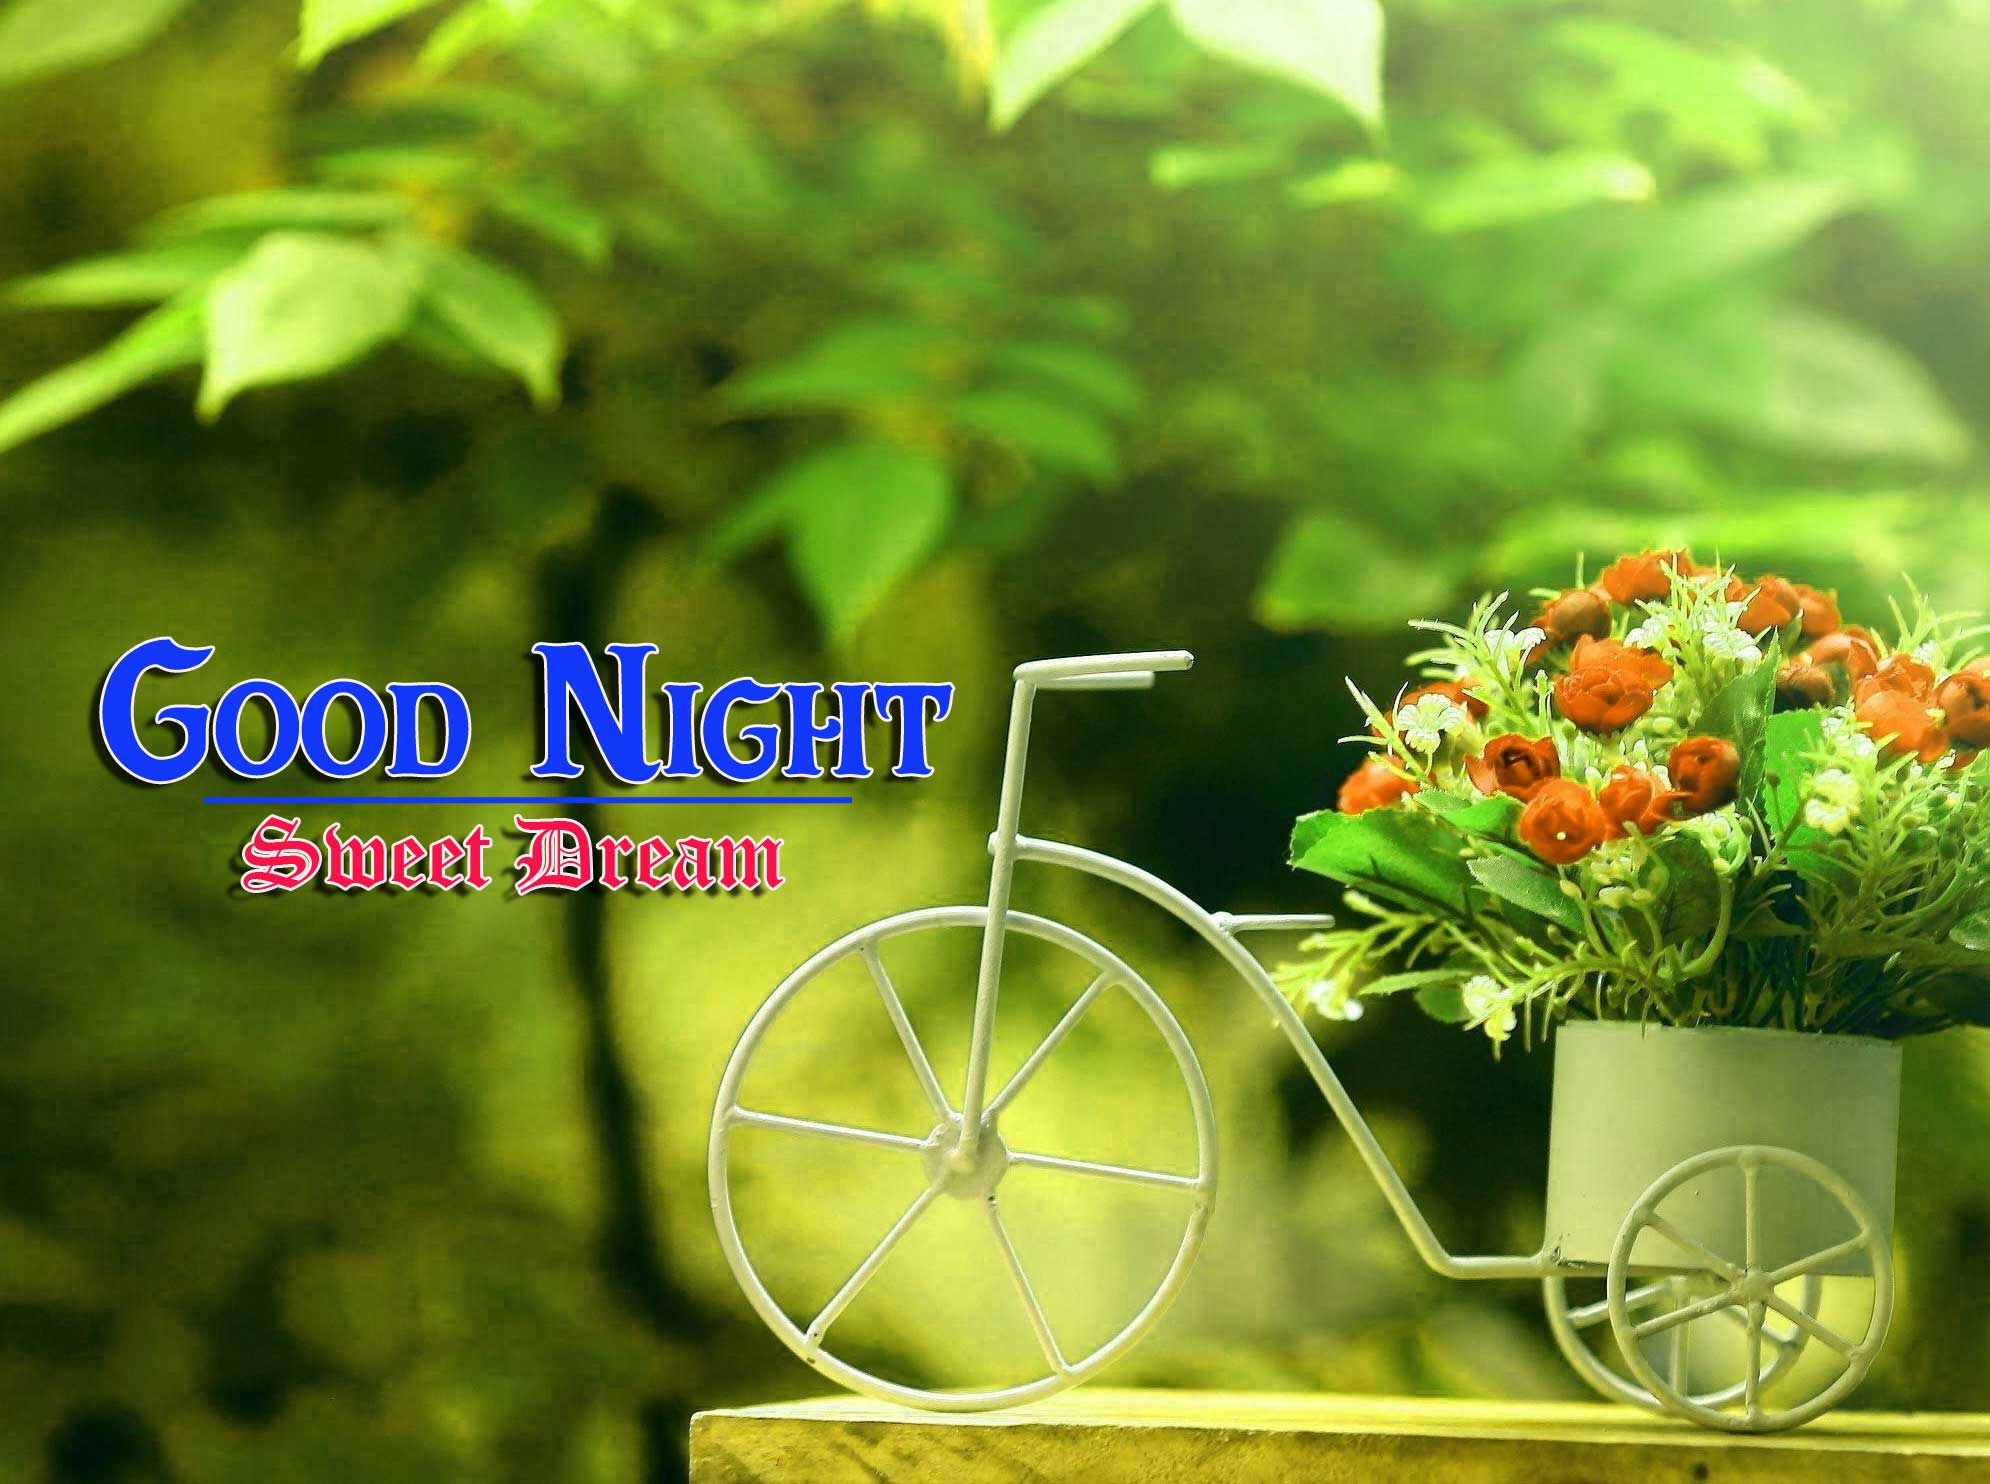 Beautiful Free Good Night Images 4k 1080p Wallpaper Free Download